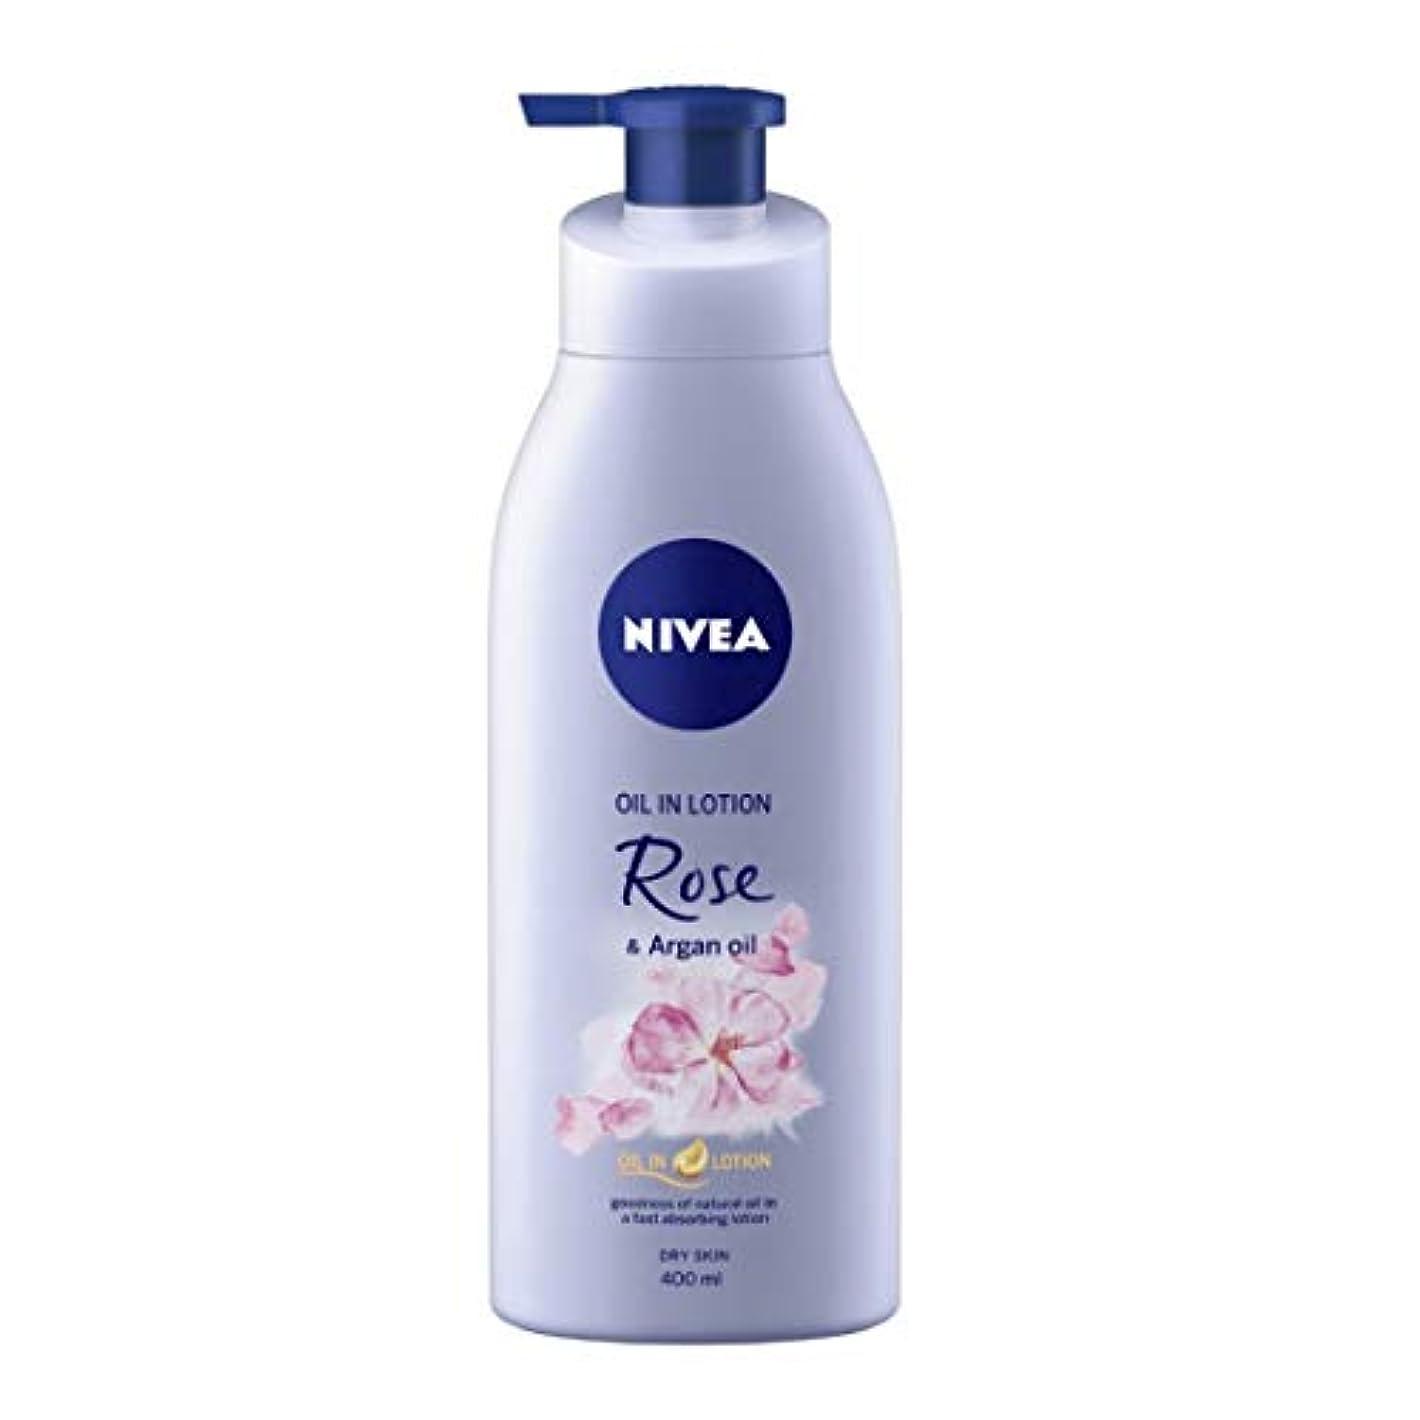 歌詞頭ディスカウントNIVEA Oil in Lotion, Rose and Argan Oil, 400ml